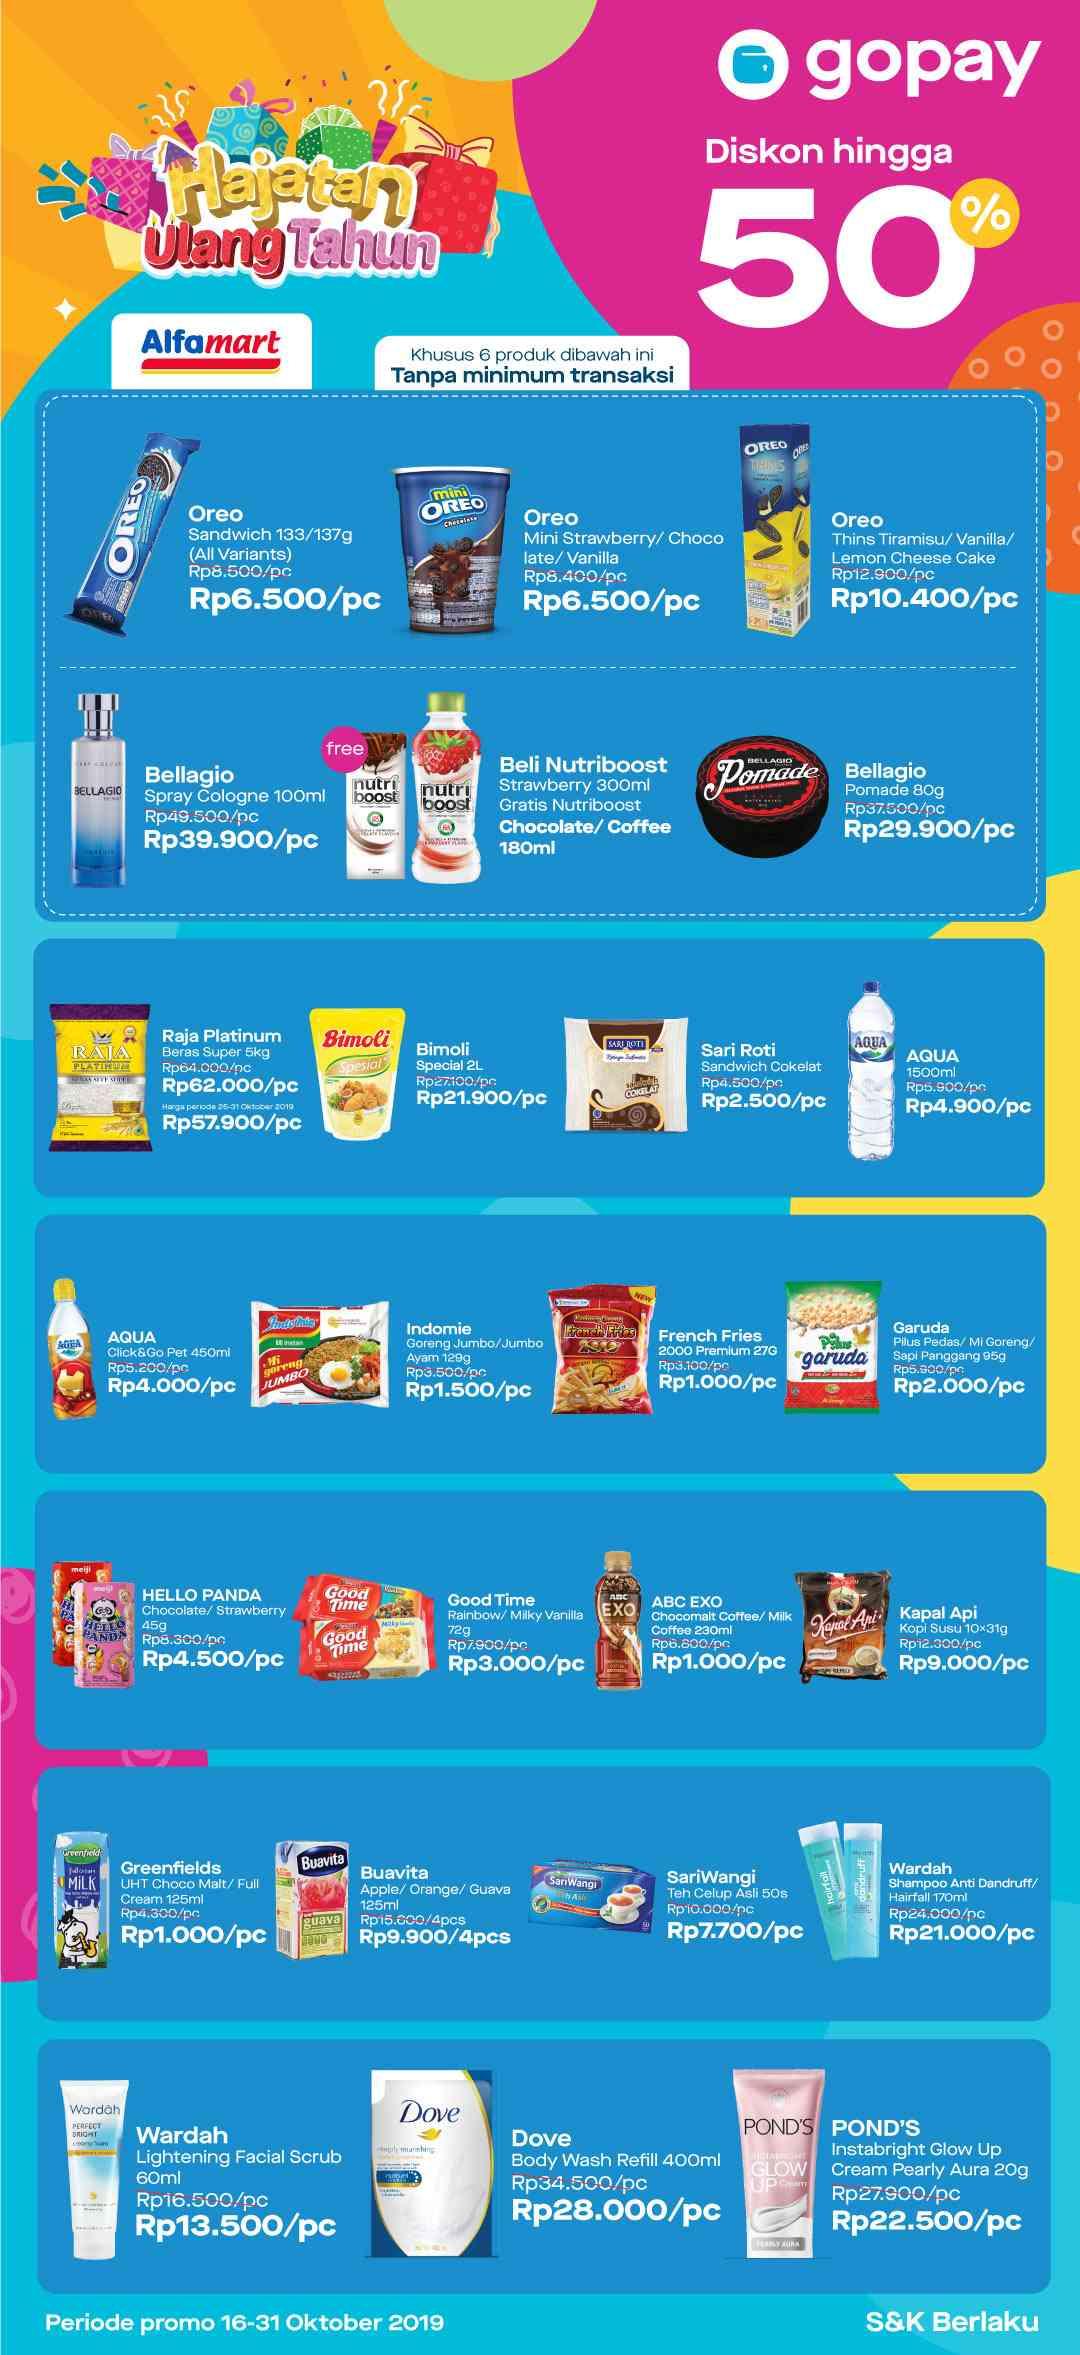 Alfamart promo Hajatan Ulang Tahun Belanja Pakai Gopay dapat Harga Spesial